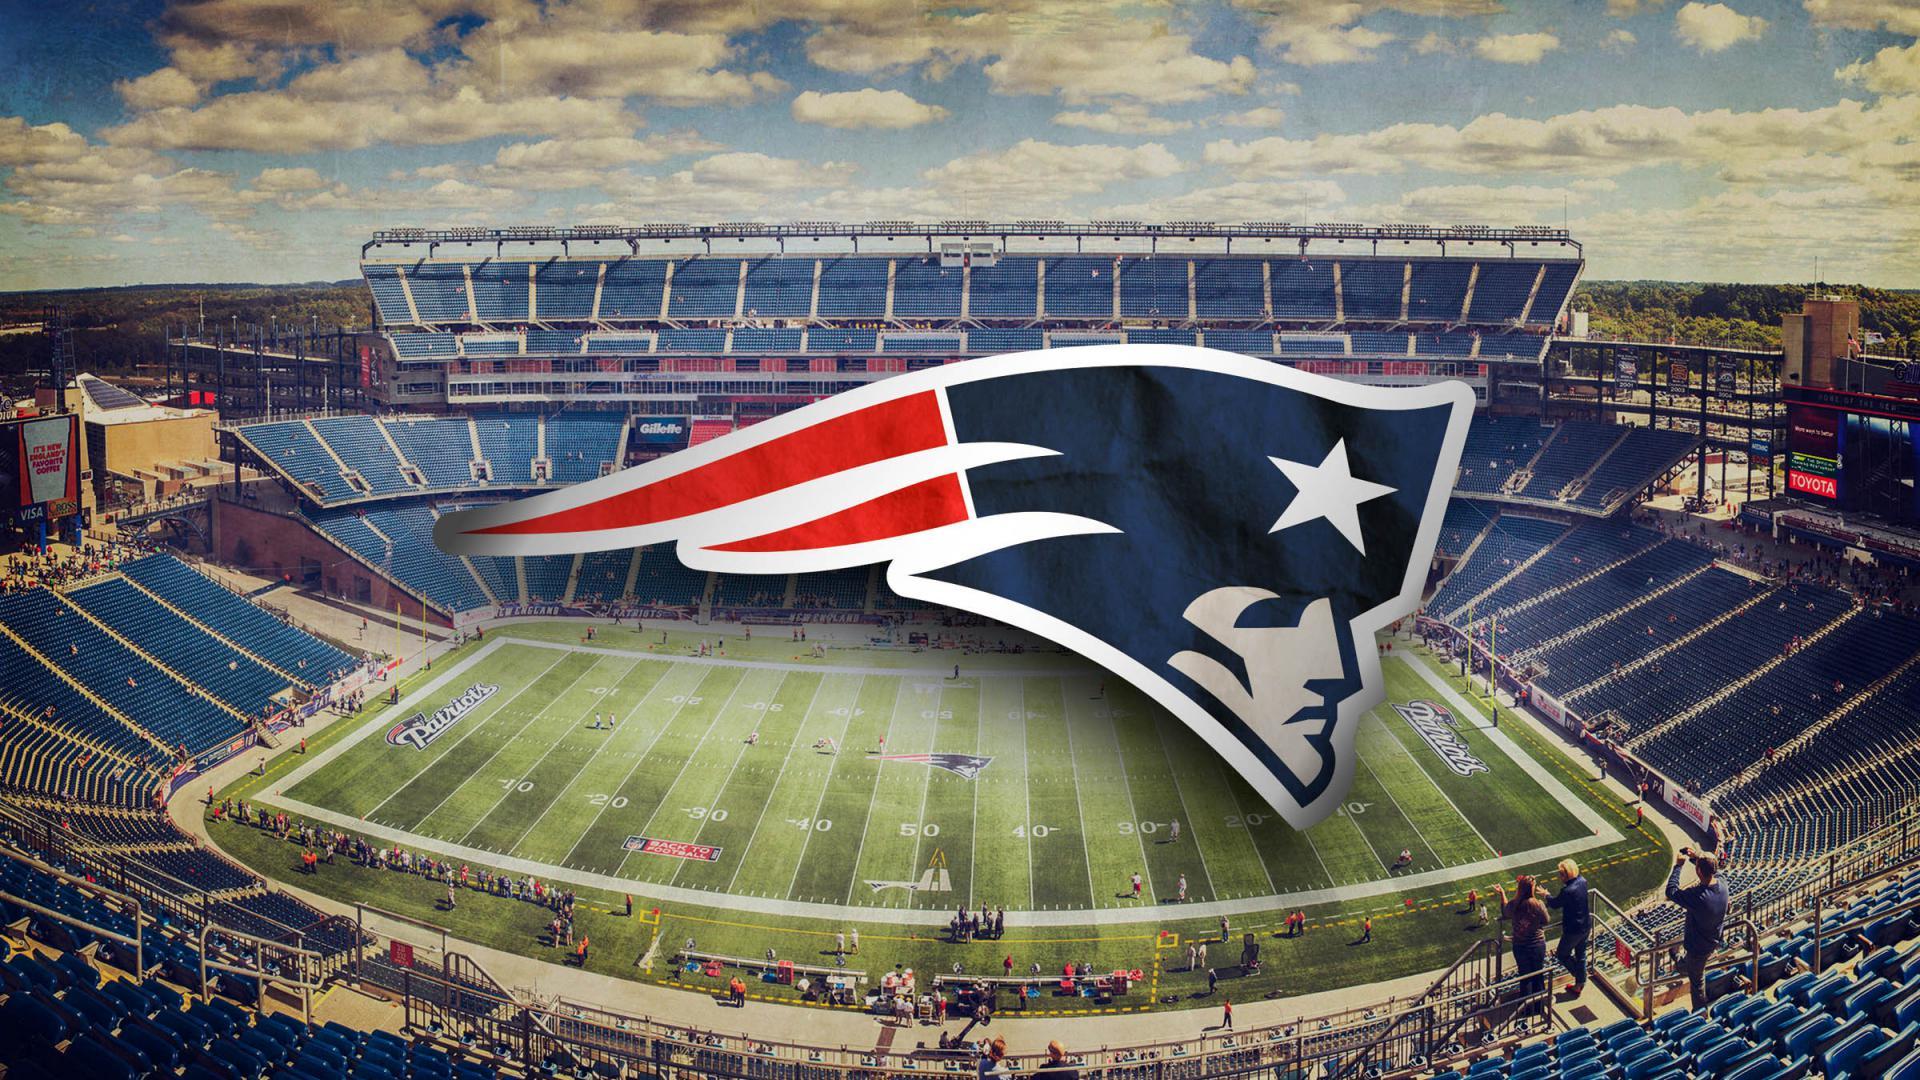 Patriots wallpaper new england patriots wallpaper hd NFL patriots 1920x1080